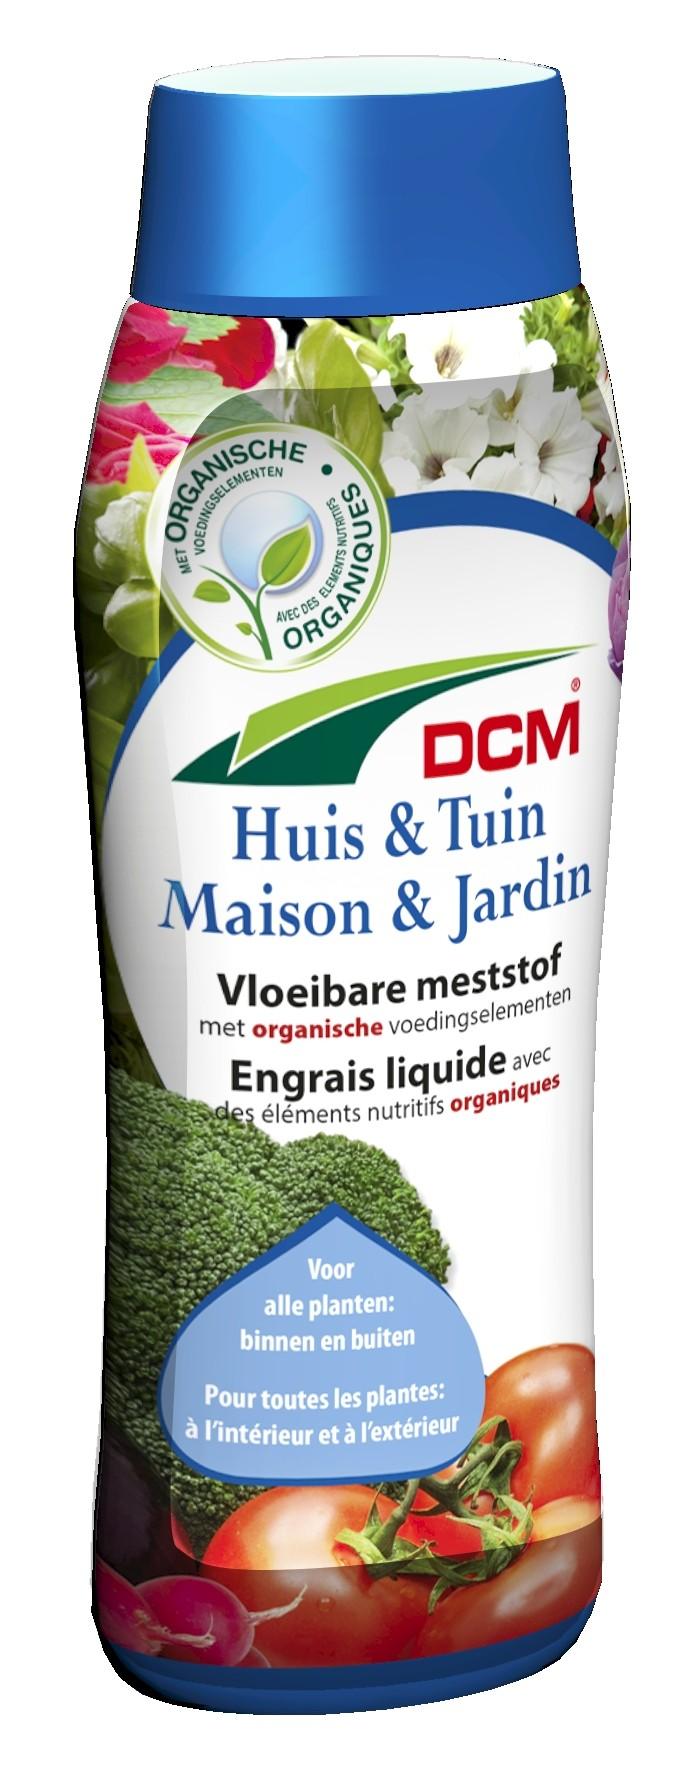 Vloeibare meststof voor tuinplanten en kamerplanten (0,8 liter, DCM).jpg